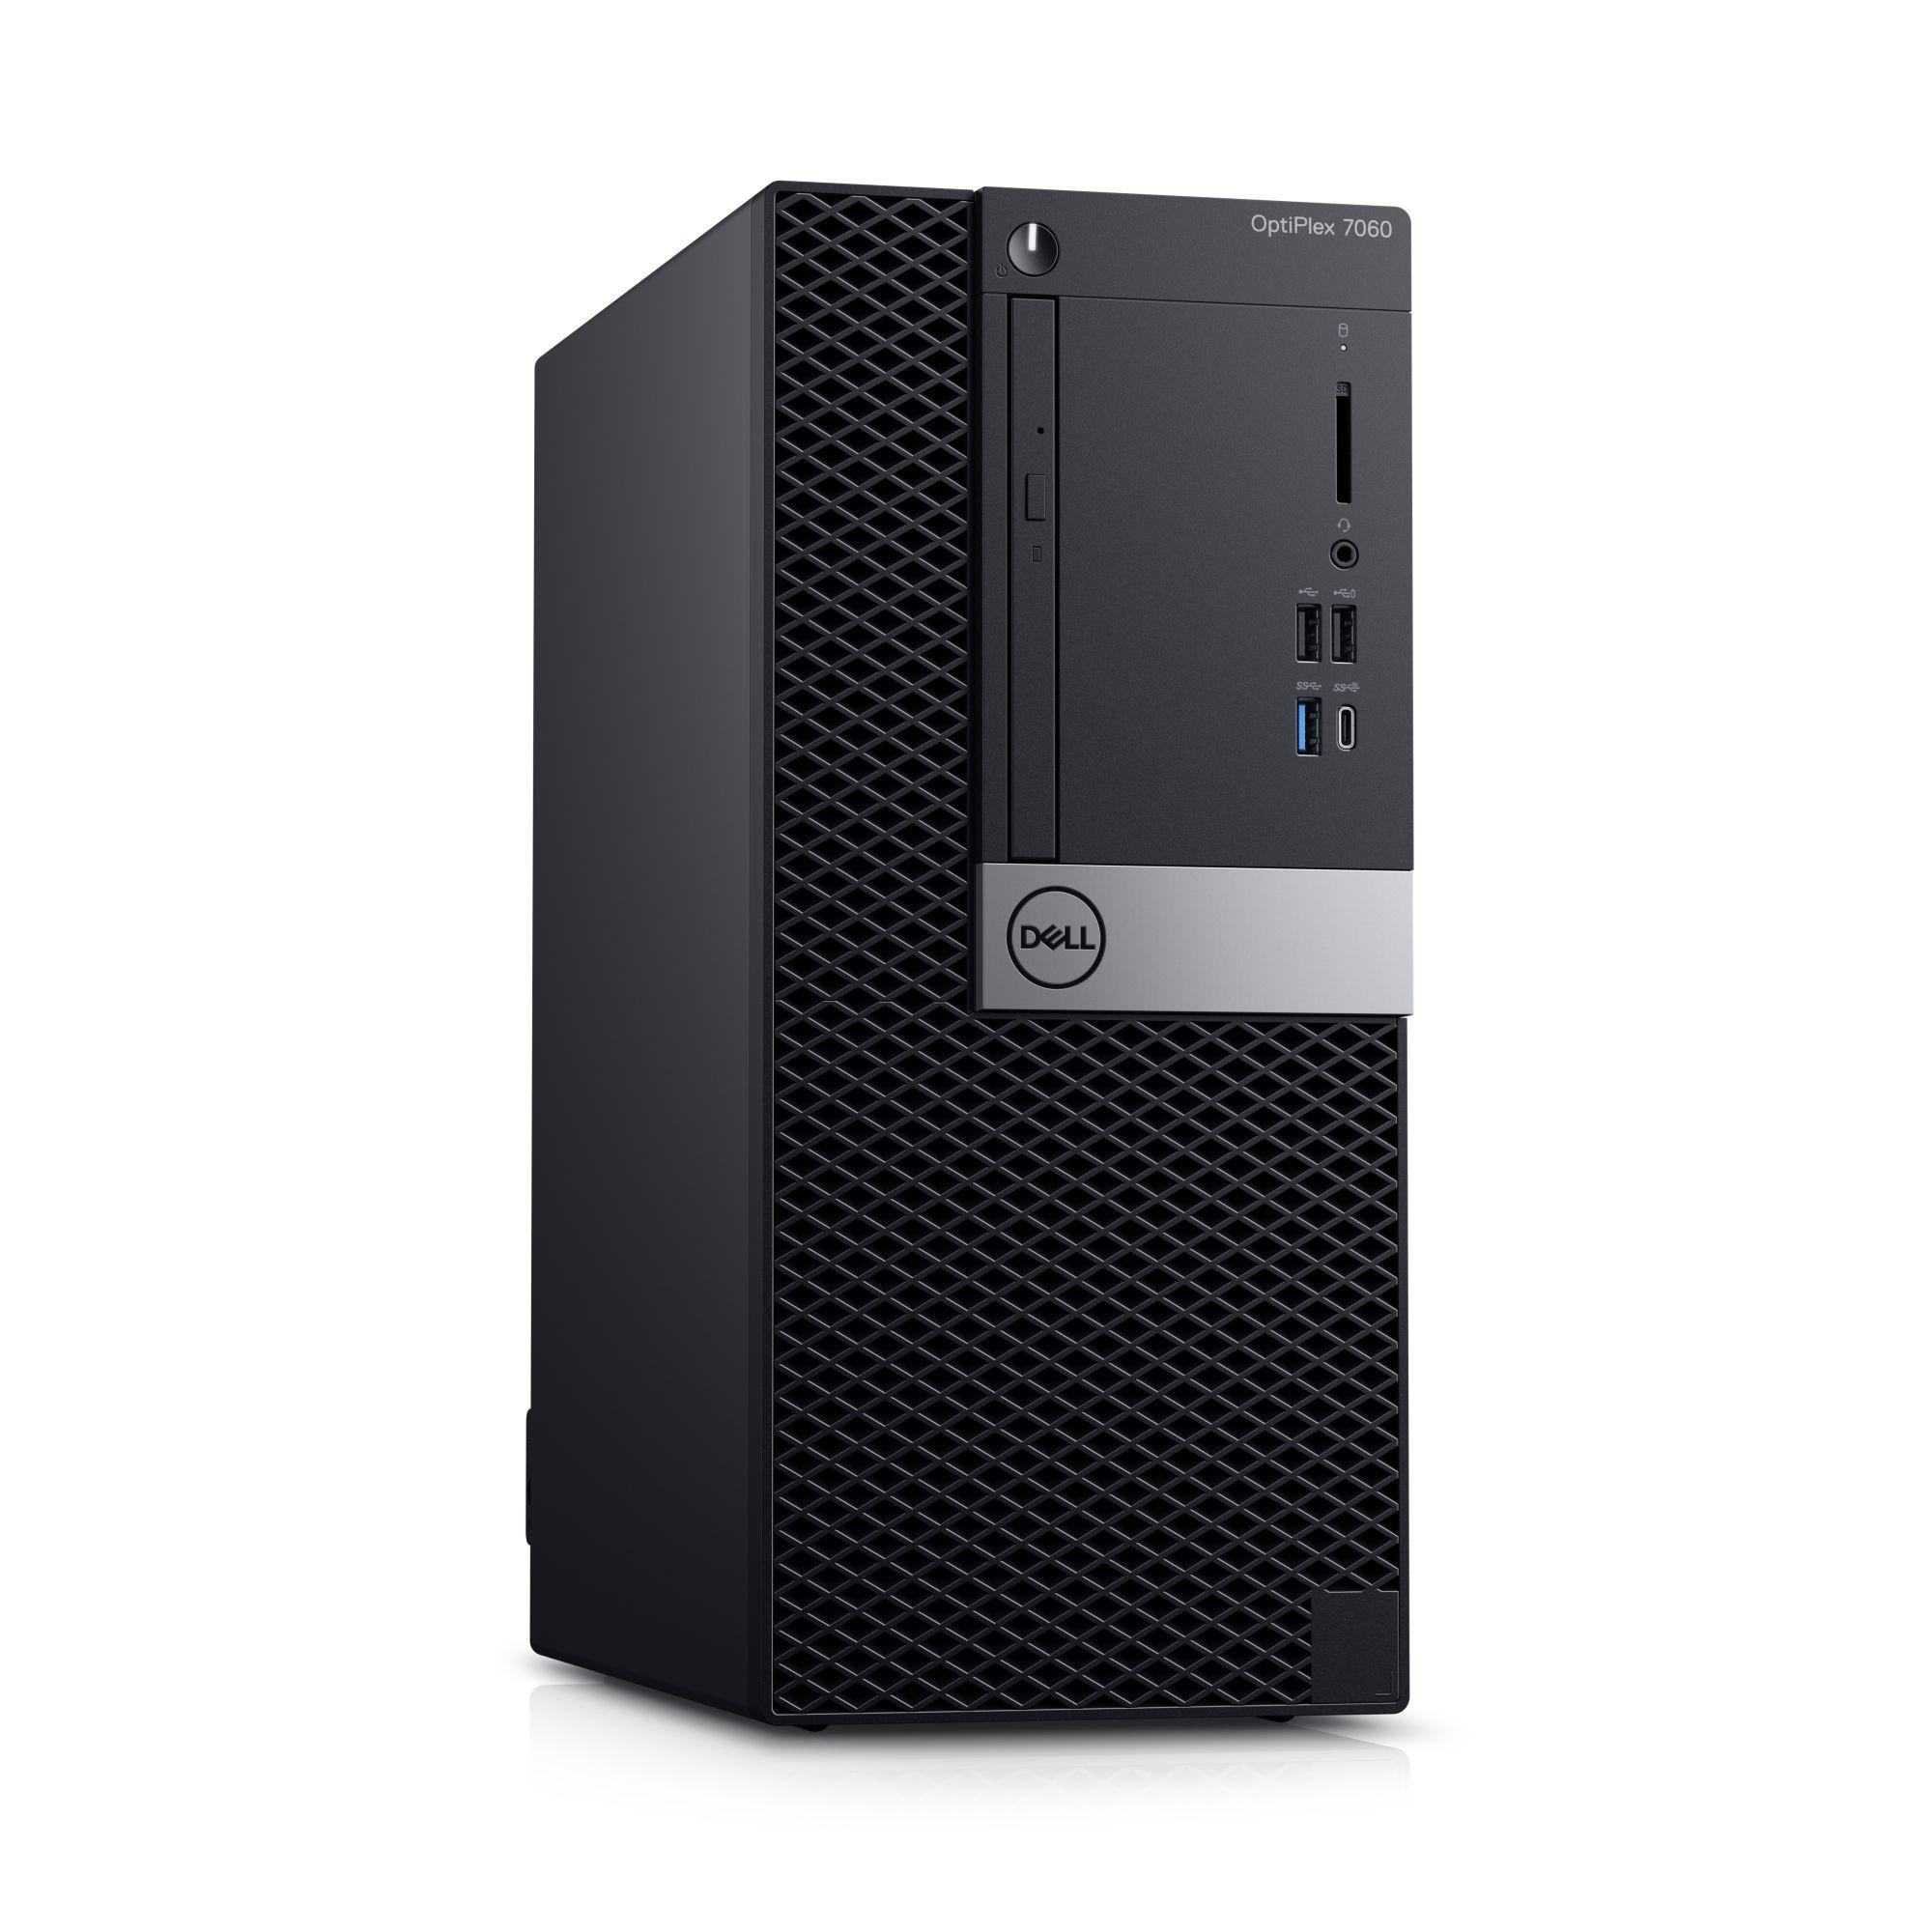 Dell Optiplex 7060 MT i5-8500/8GB/256GB SSD/DP/vPro/W10P/3RNBD/Černý